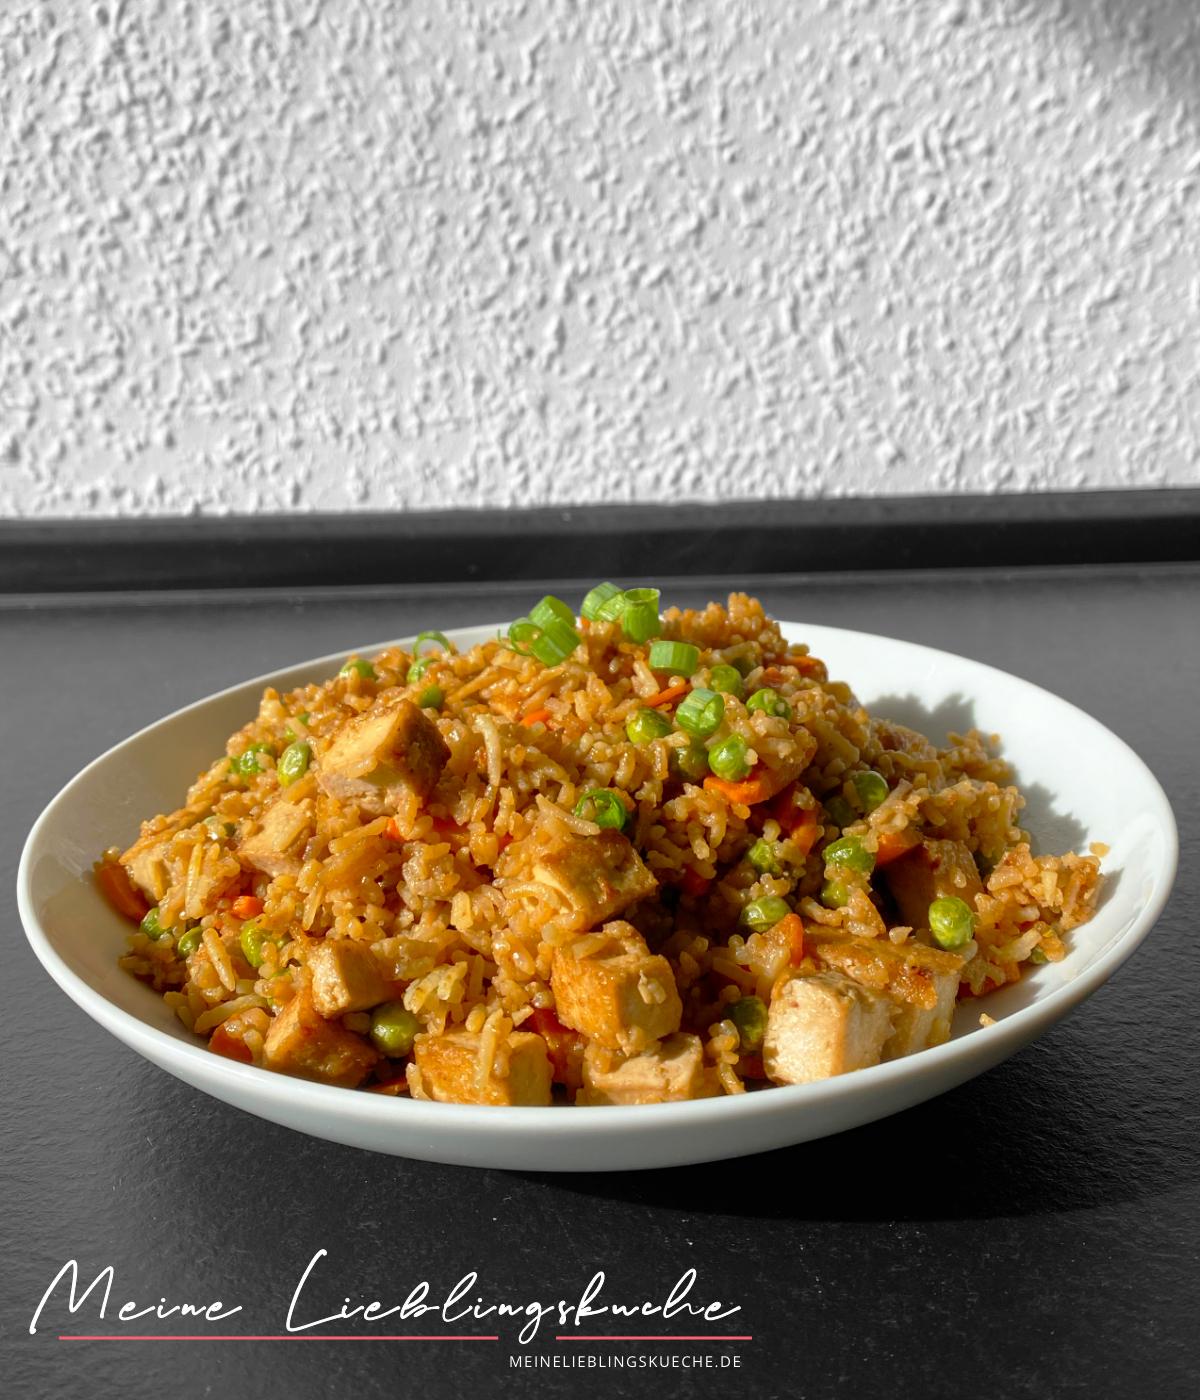 veganer gebratener Reis mit knusprigem Tofu und Gemüse